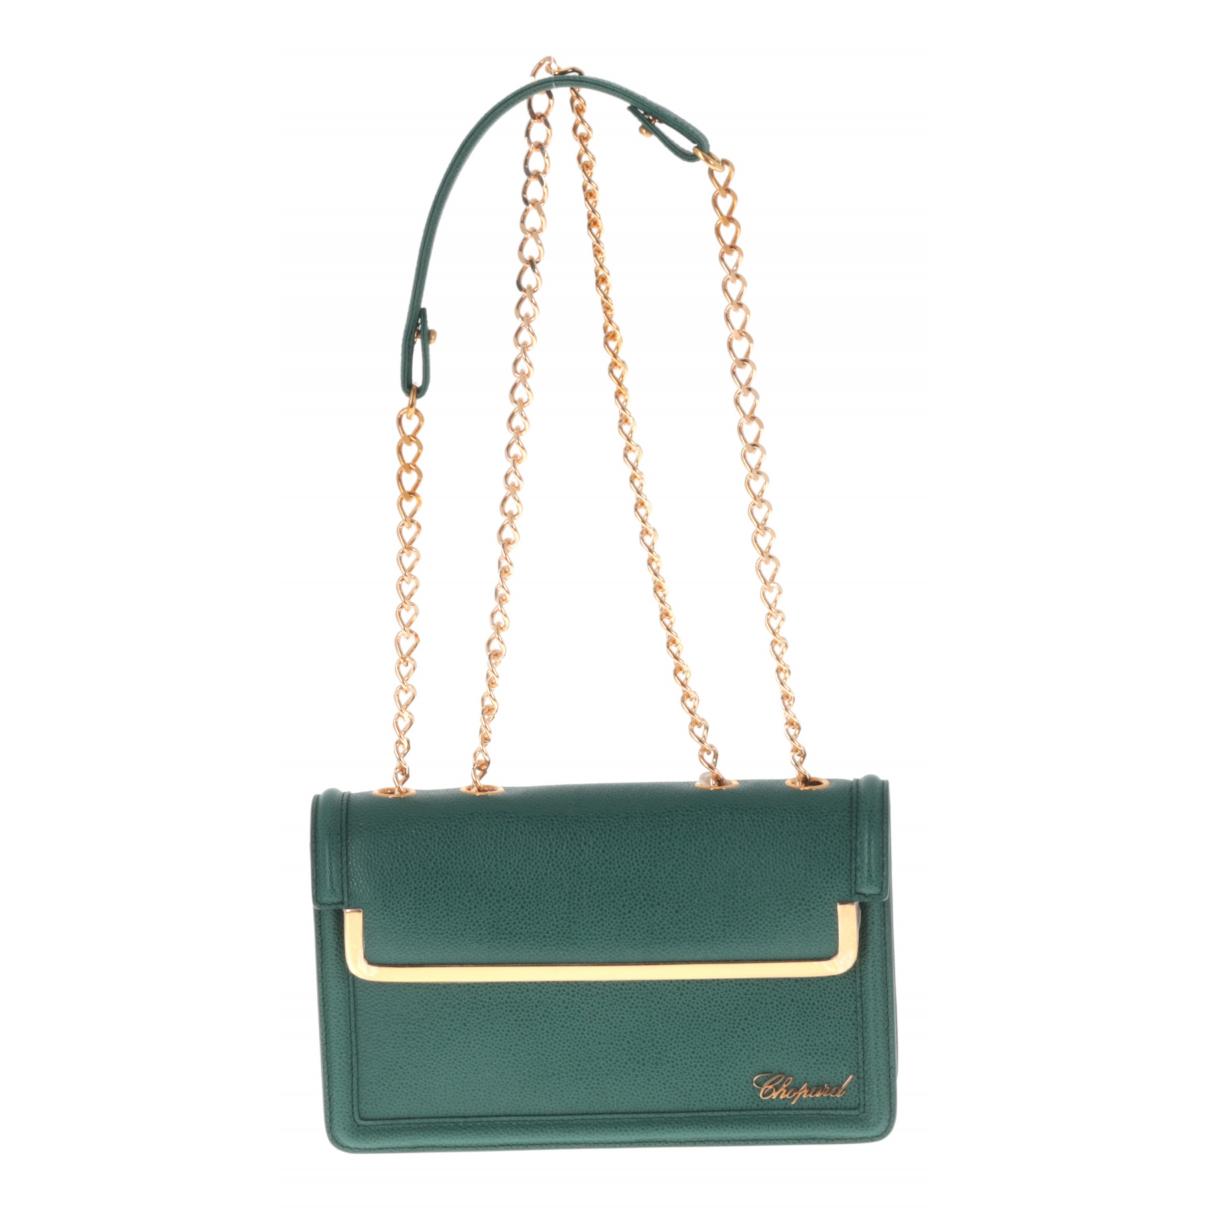 Chopard N Green Leather handbag for Women N